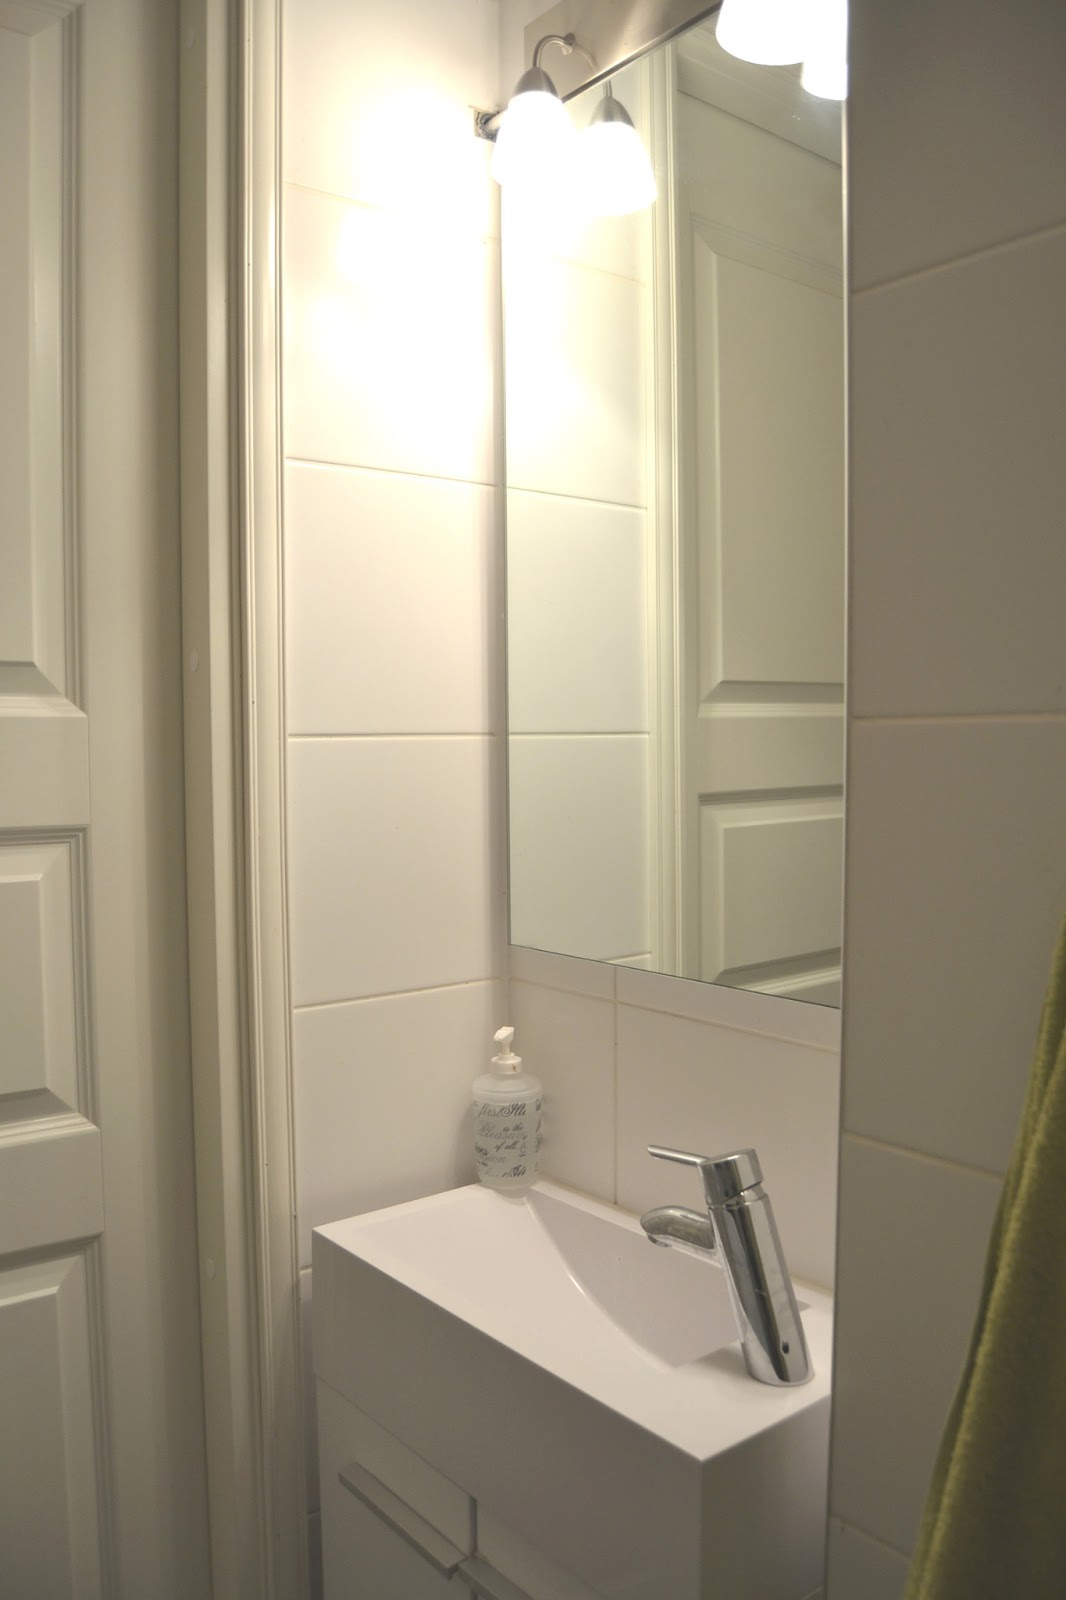 Rintamamiestalon elämää Vessan ja kylpyhuoneen remontti 1